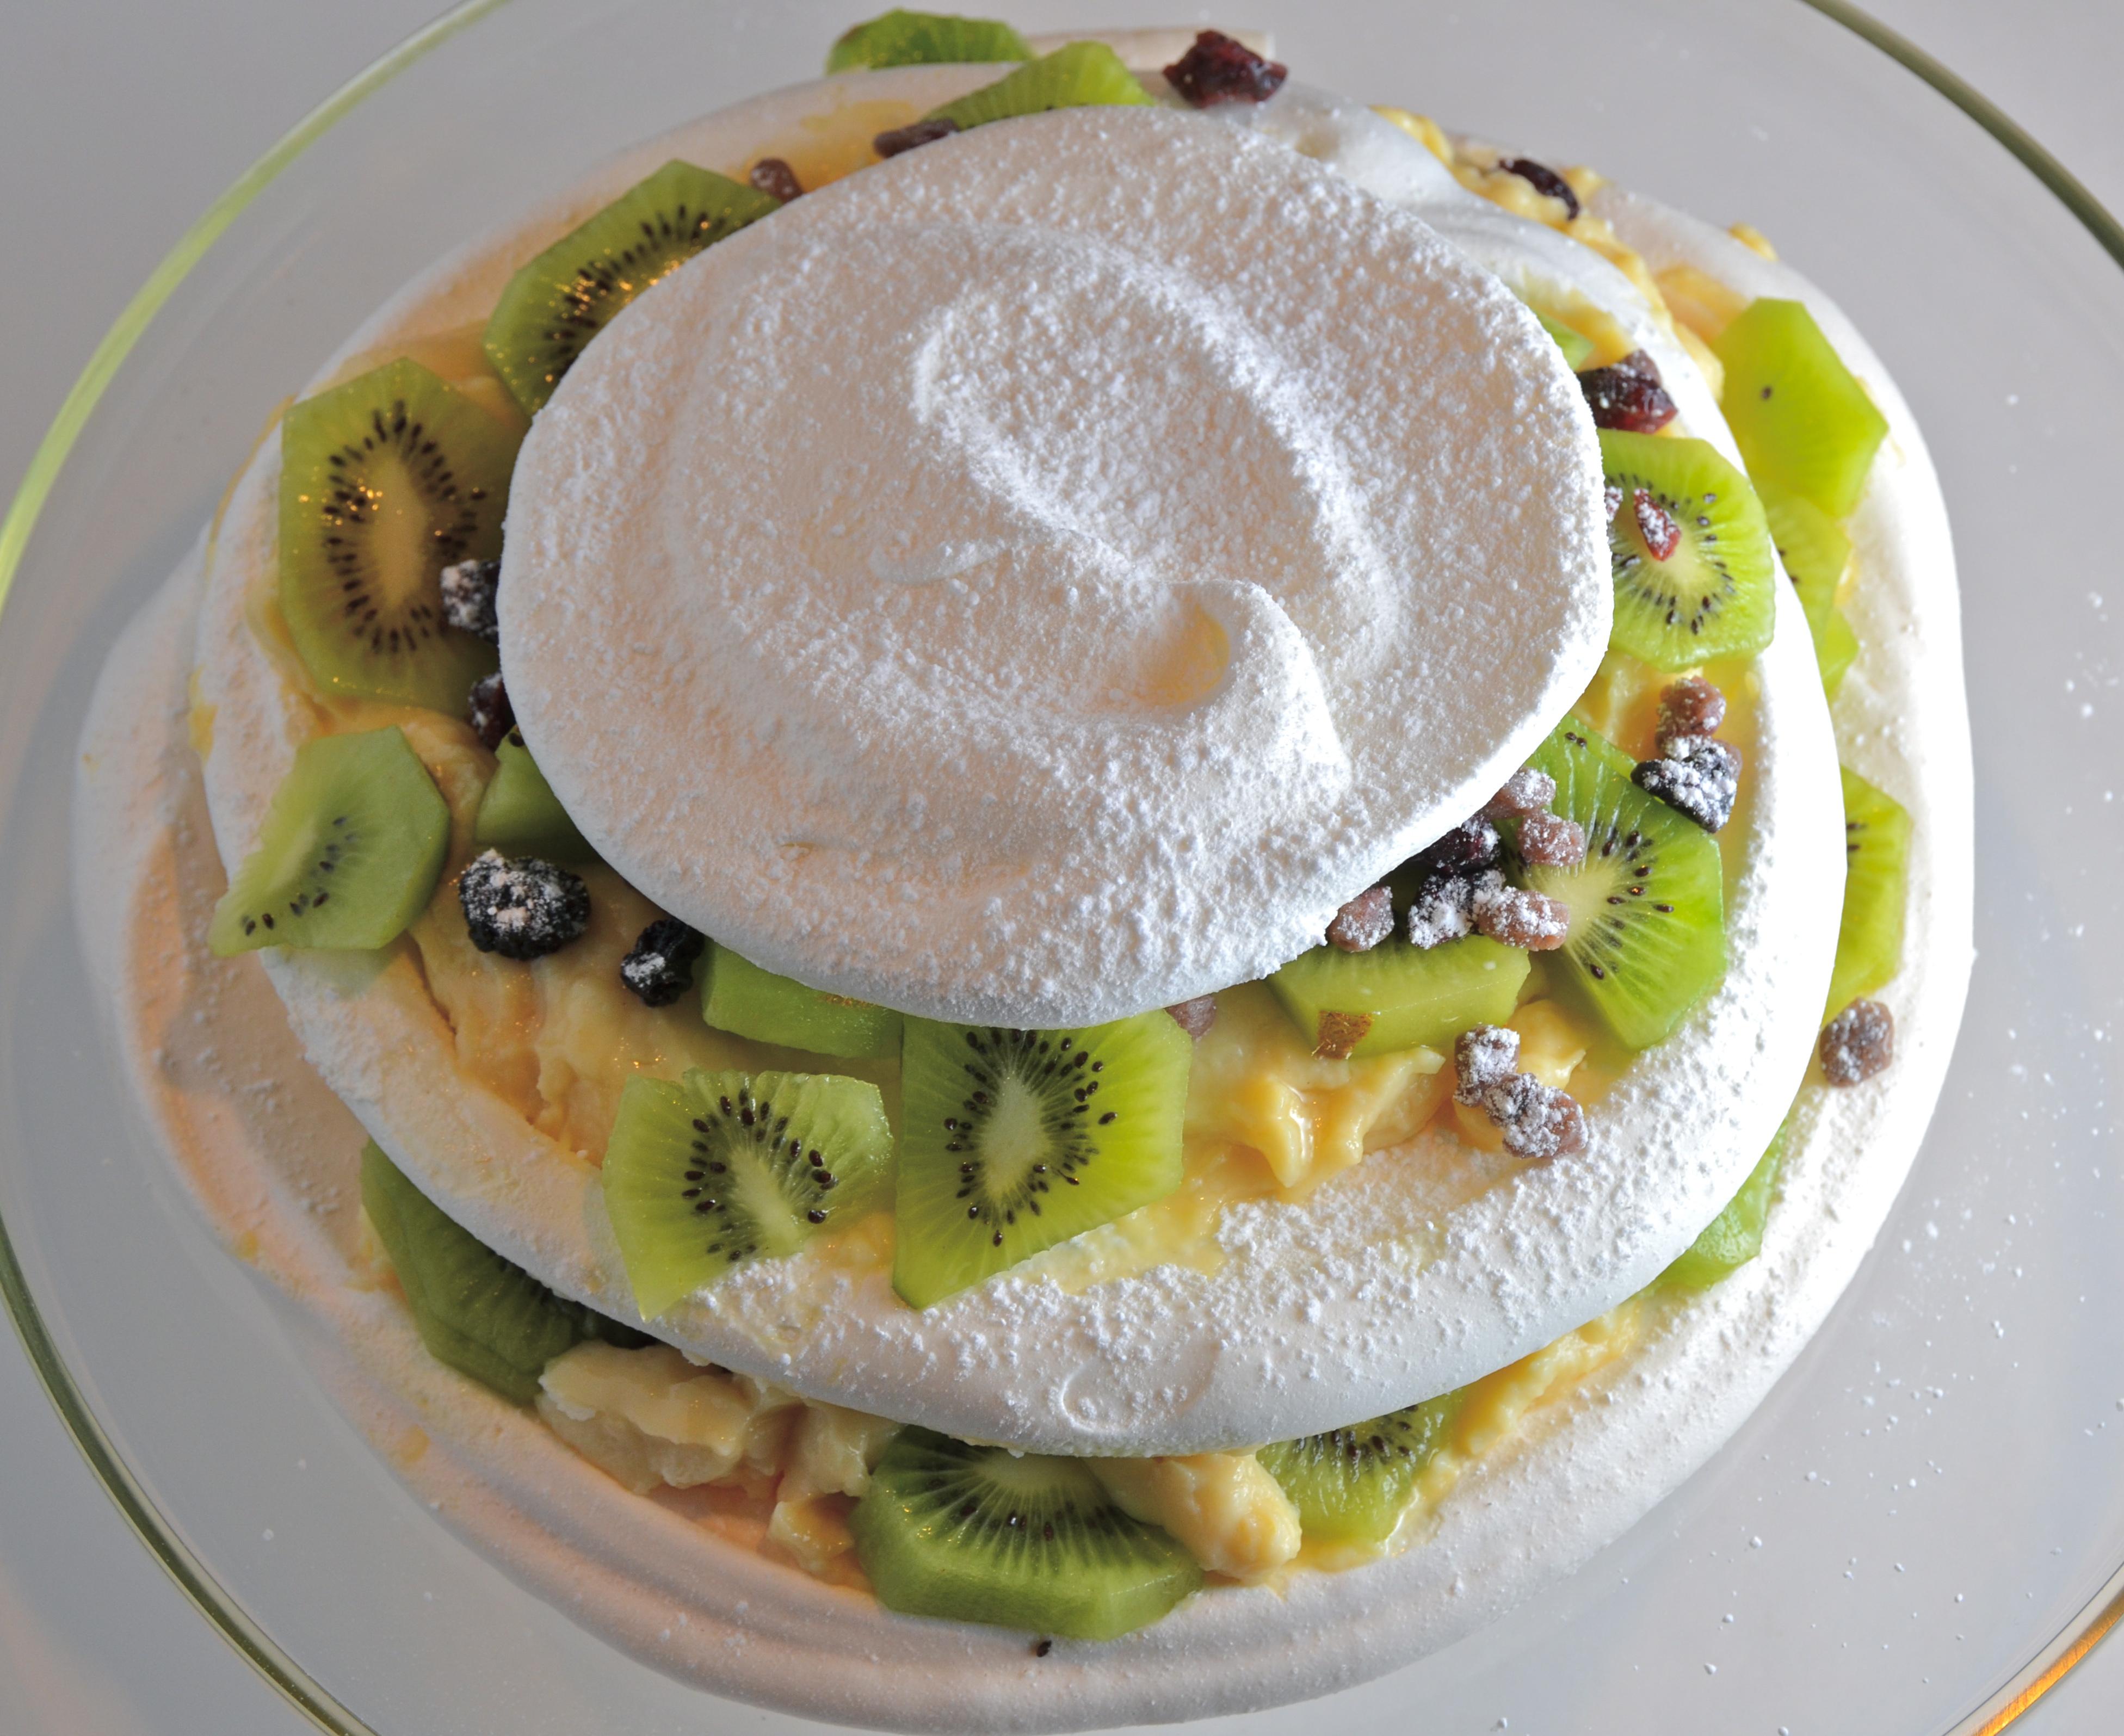 jam kiwi smoothie kiwi sparkler kiwi cheesecake kiwi salsa kiwi gelato ...